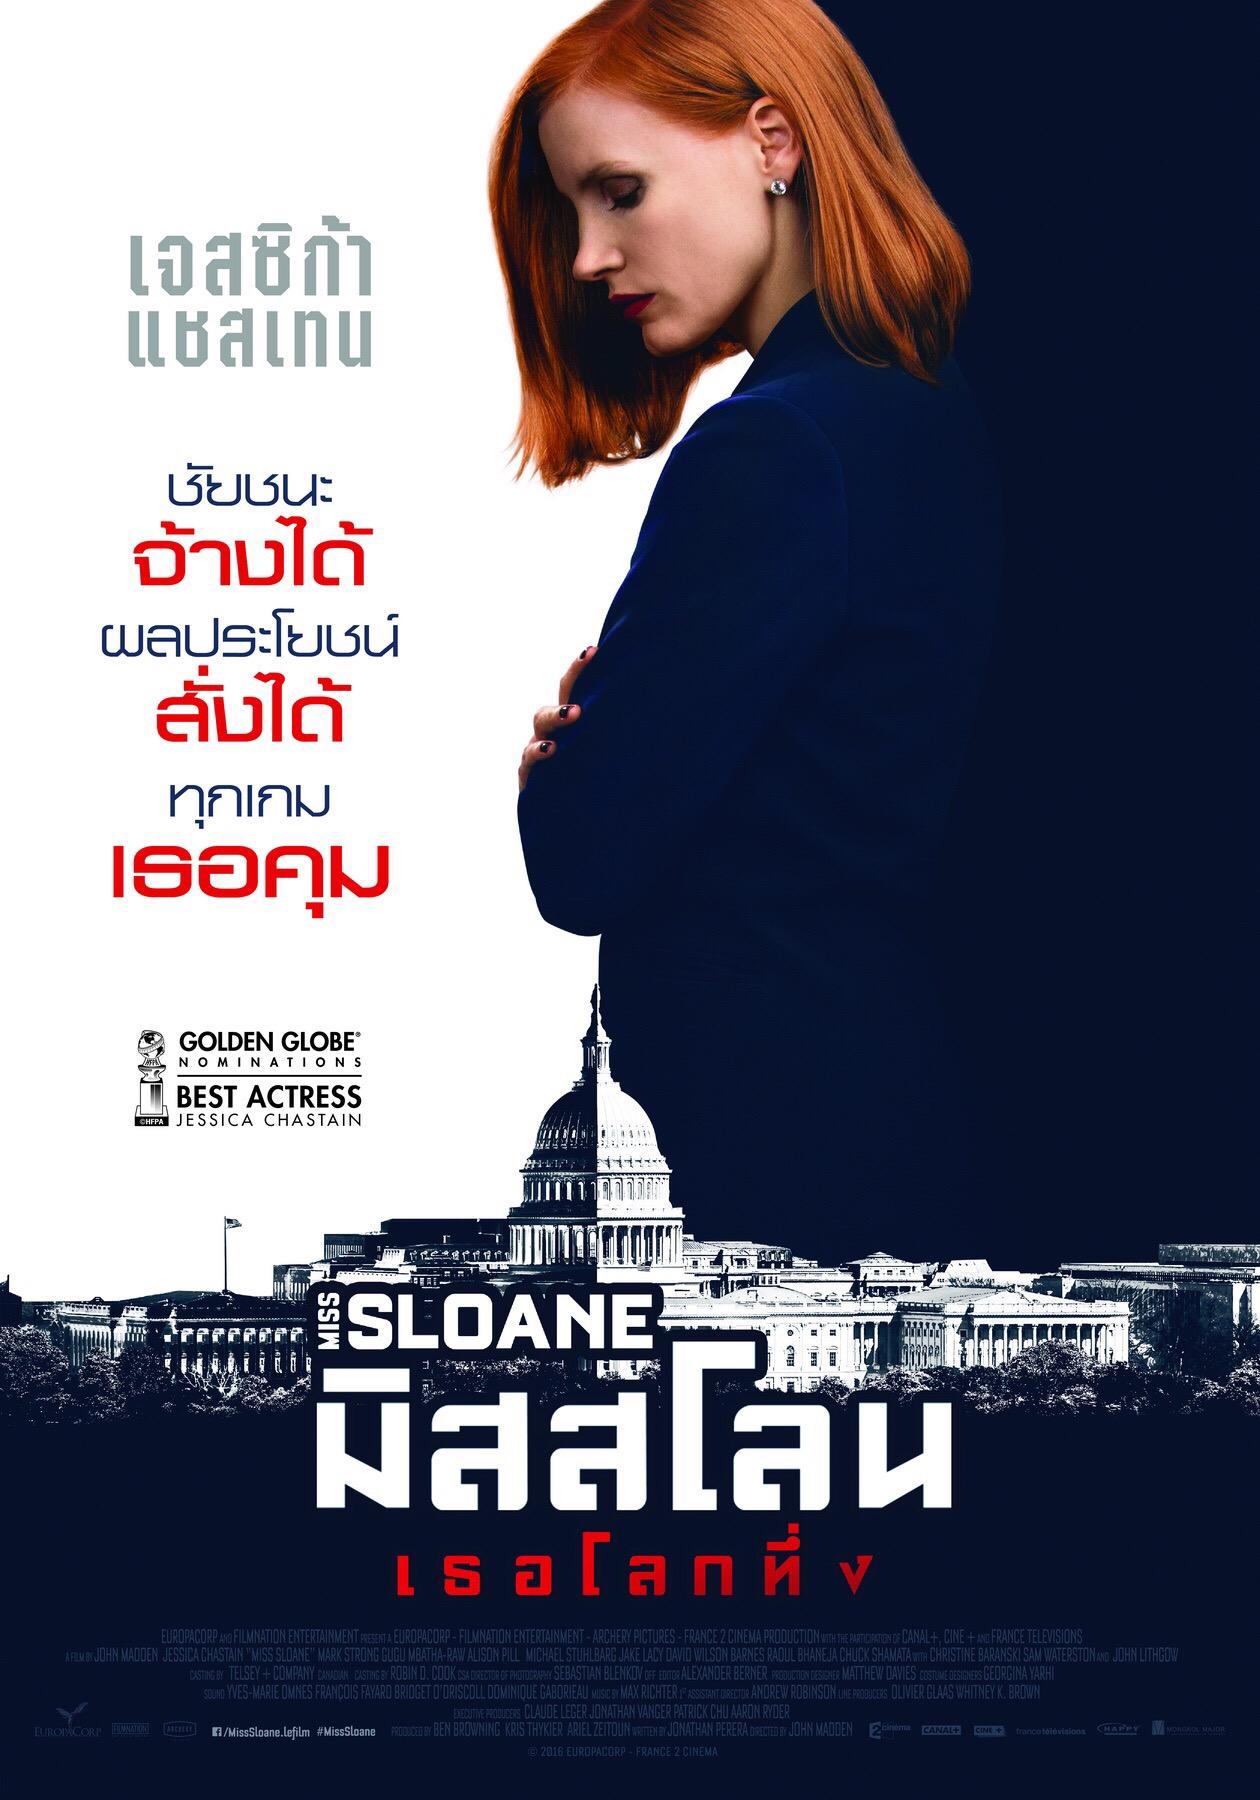 """'อลิซาเบธ สโลน' ล็อบบี้ยิสต์สาวแกร่ง แหกขอบเขตศีลธรรมท้าทายทุกกฎเพื่อชัยชนะใน """"Miss Sloane"""""""